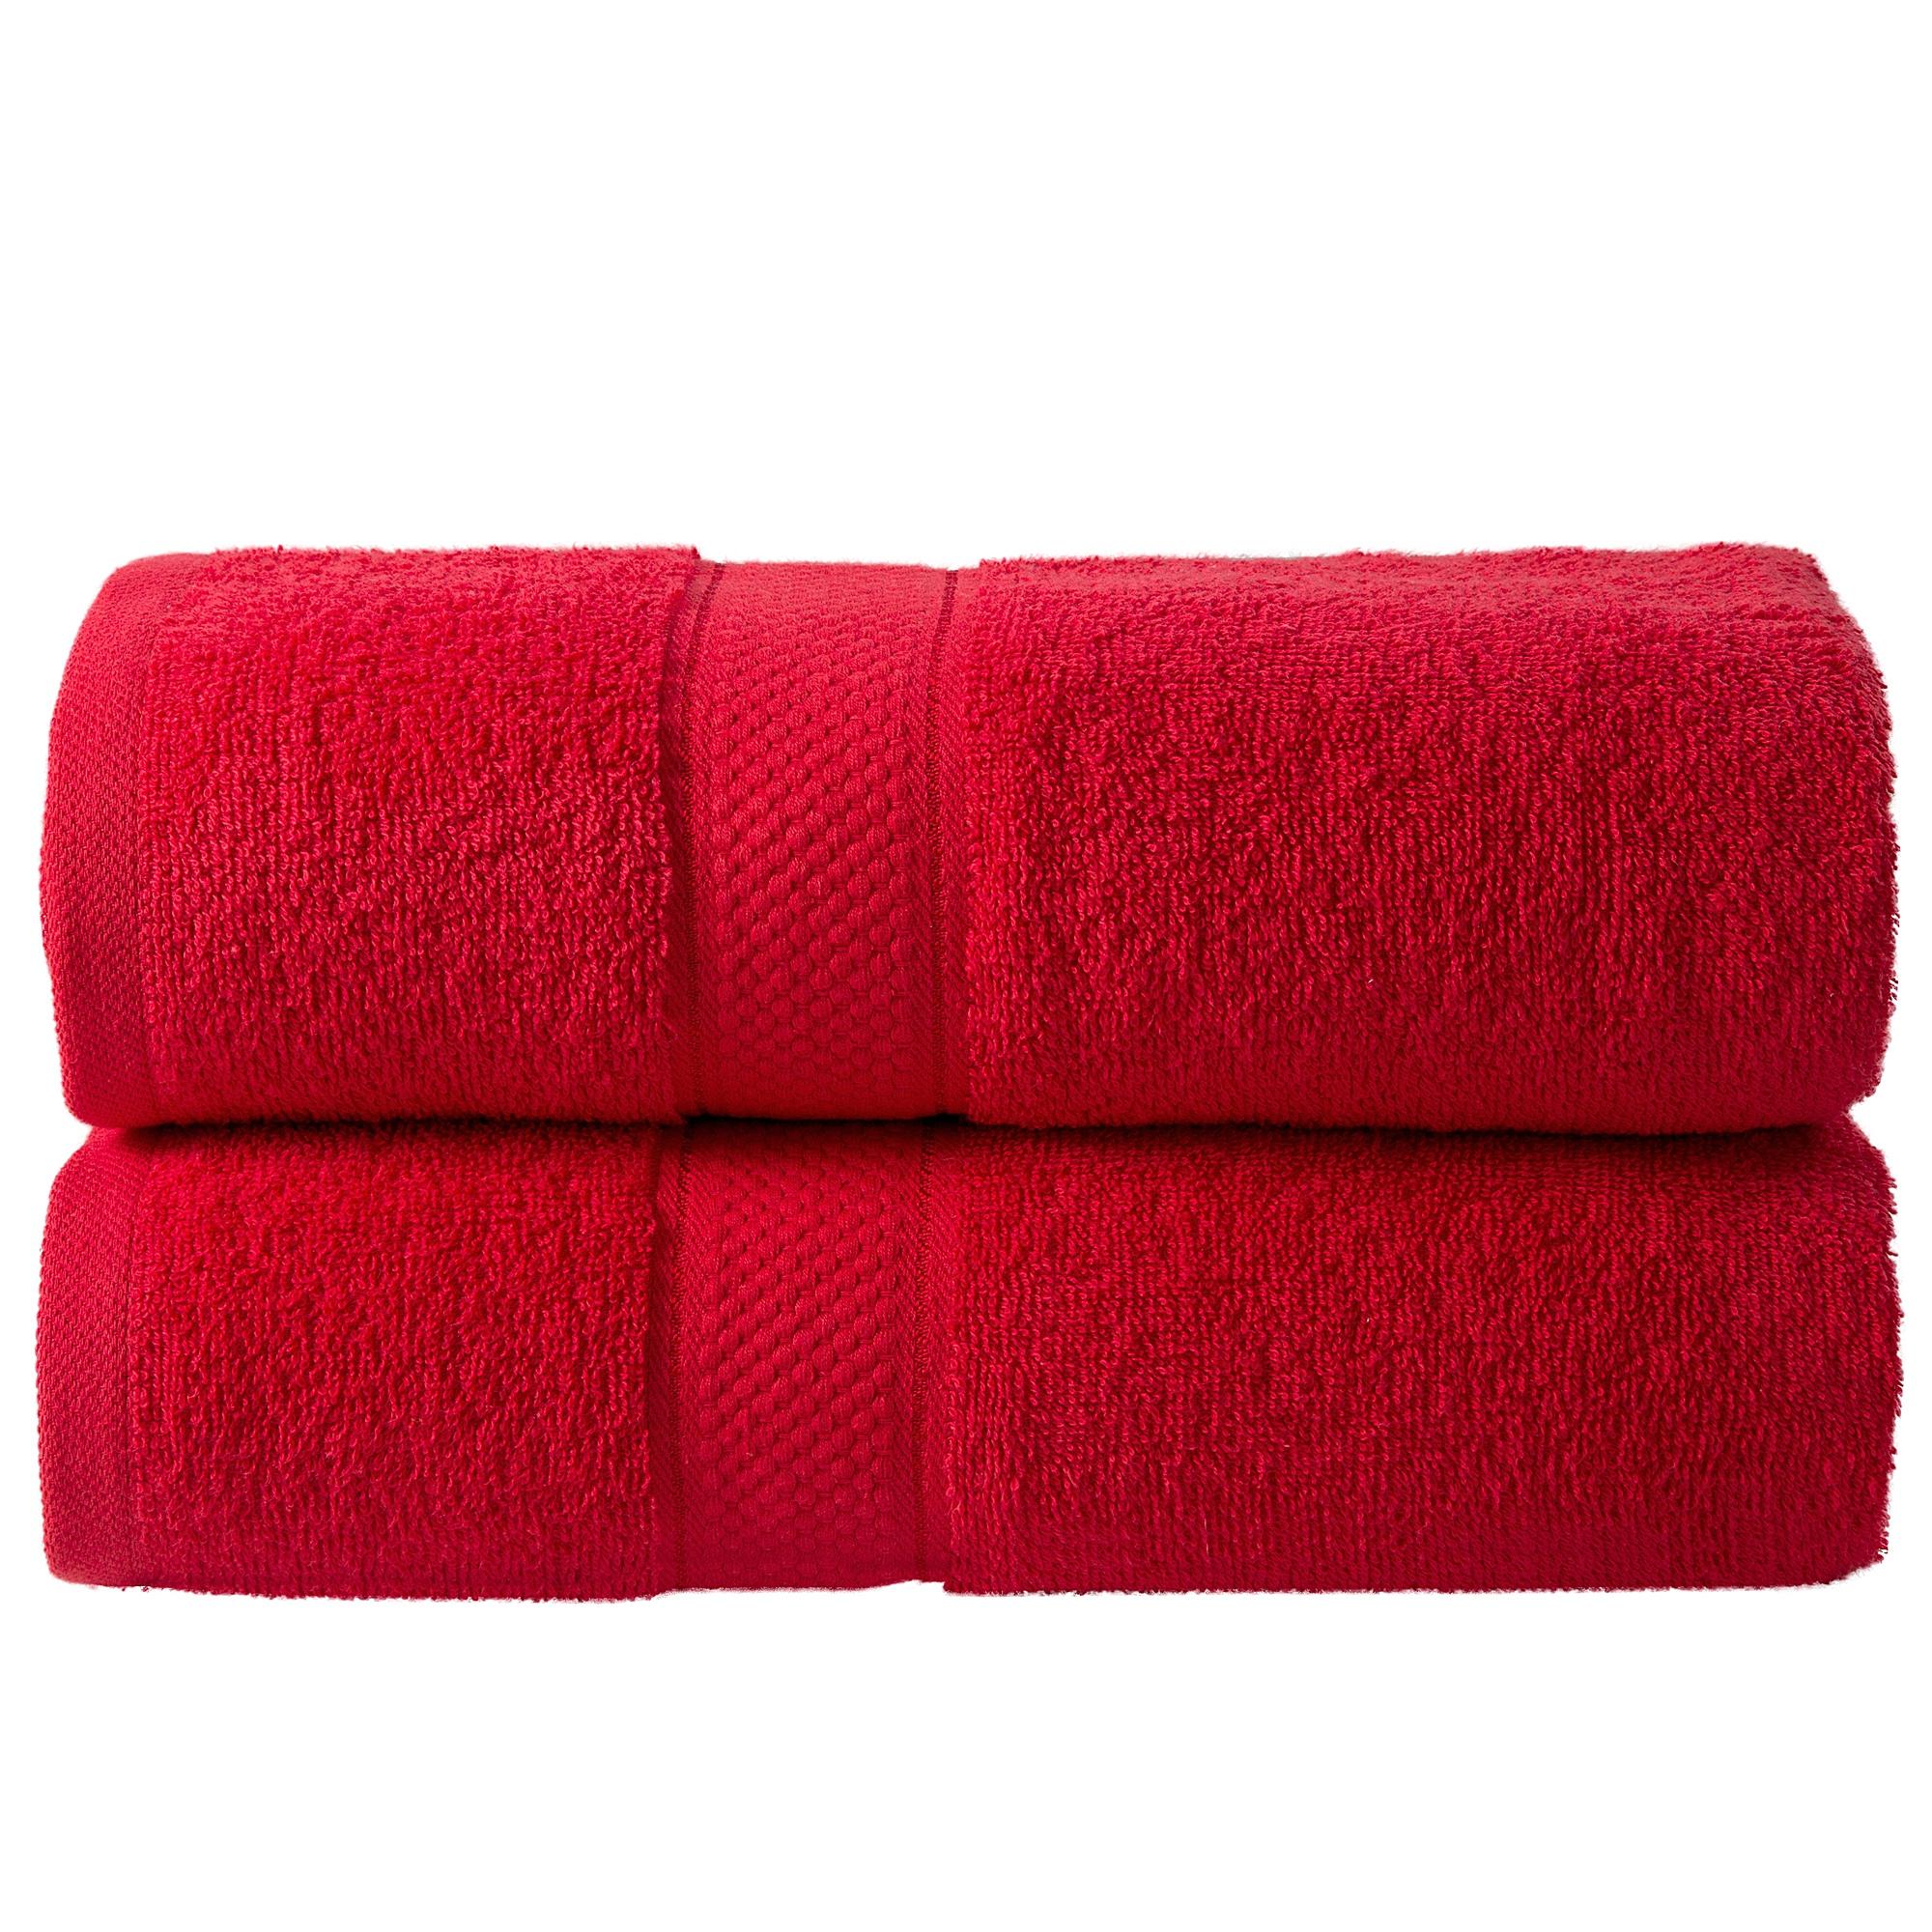 Bale Set 2pcs Red Plain Bath Towel